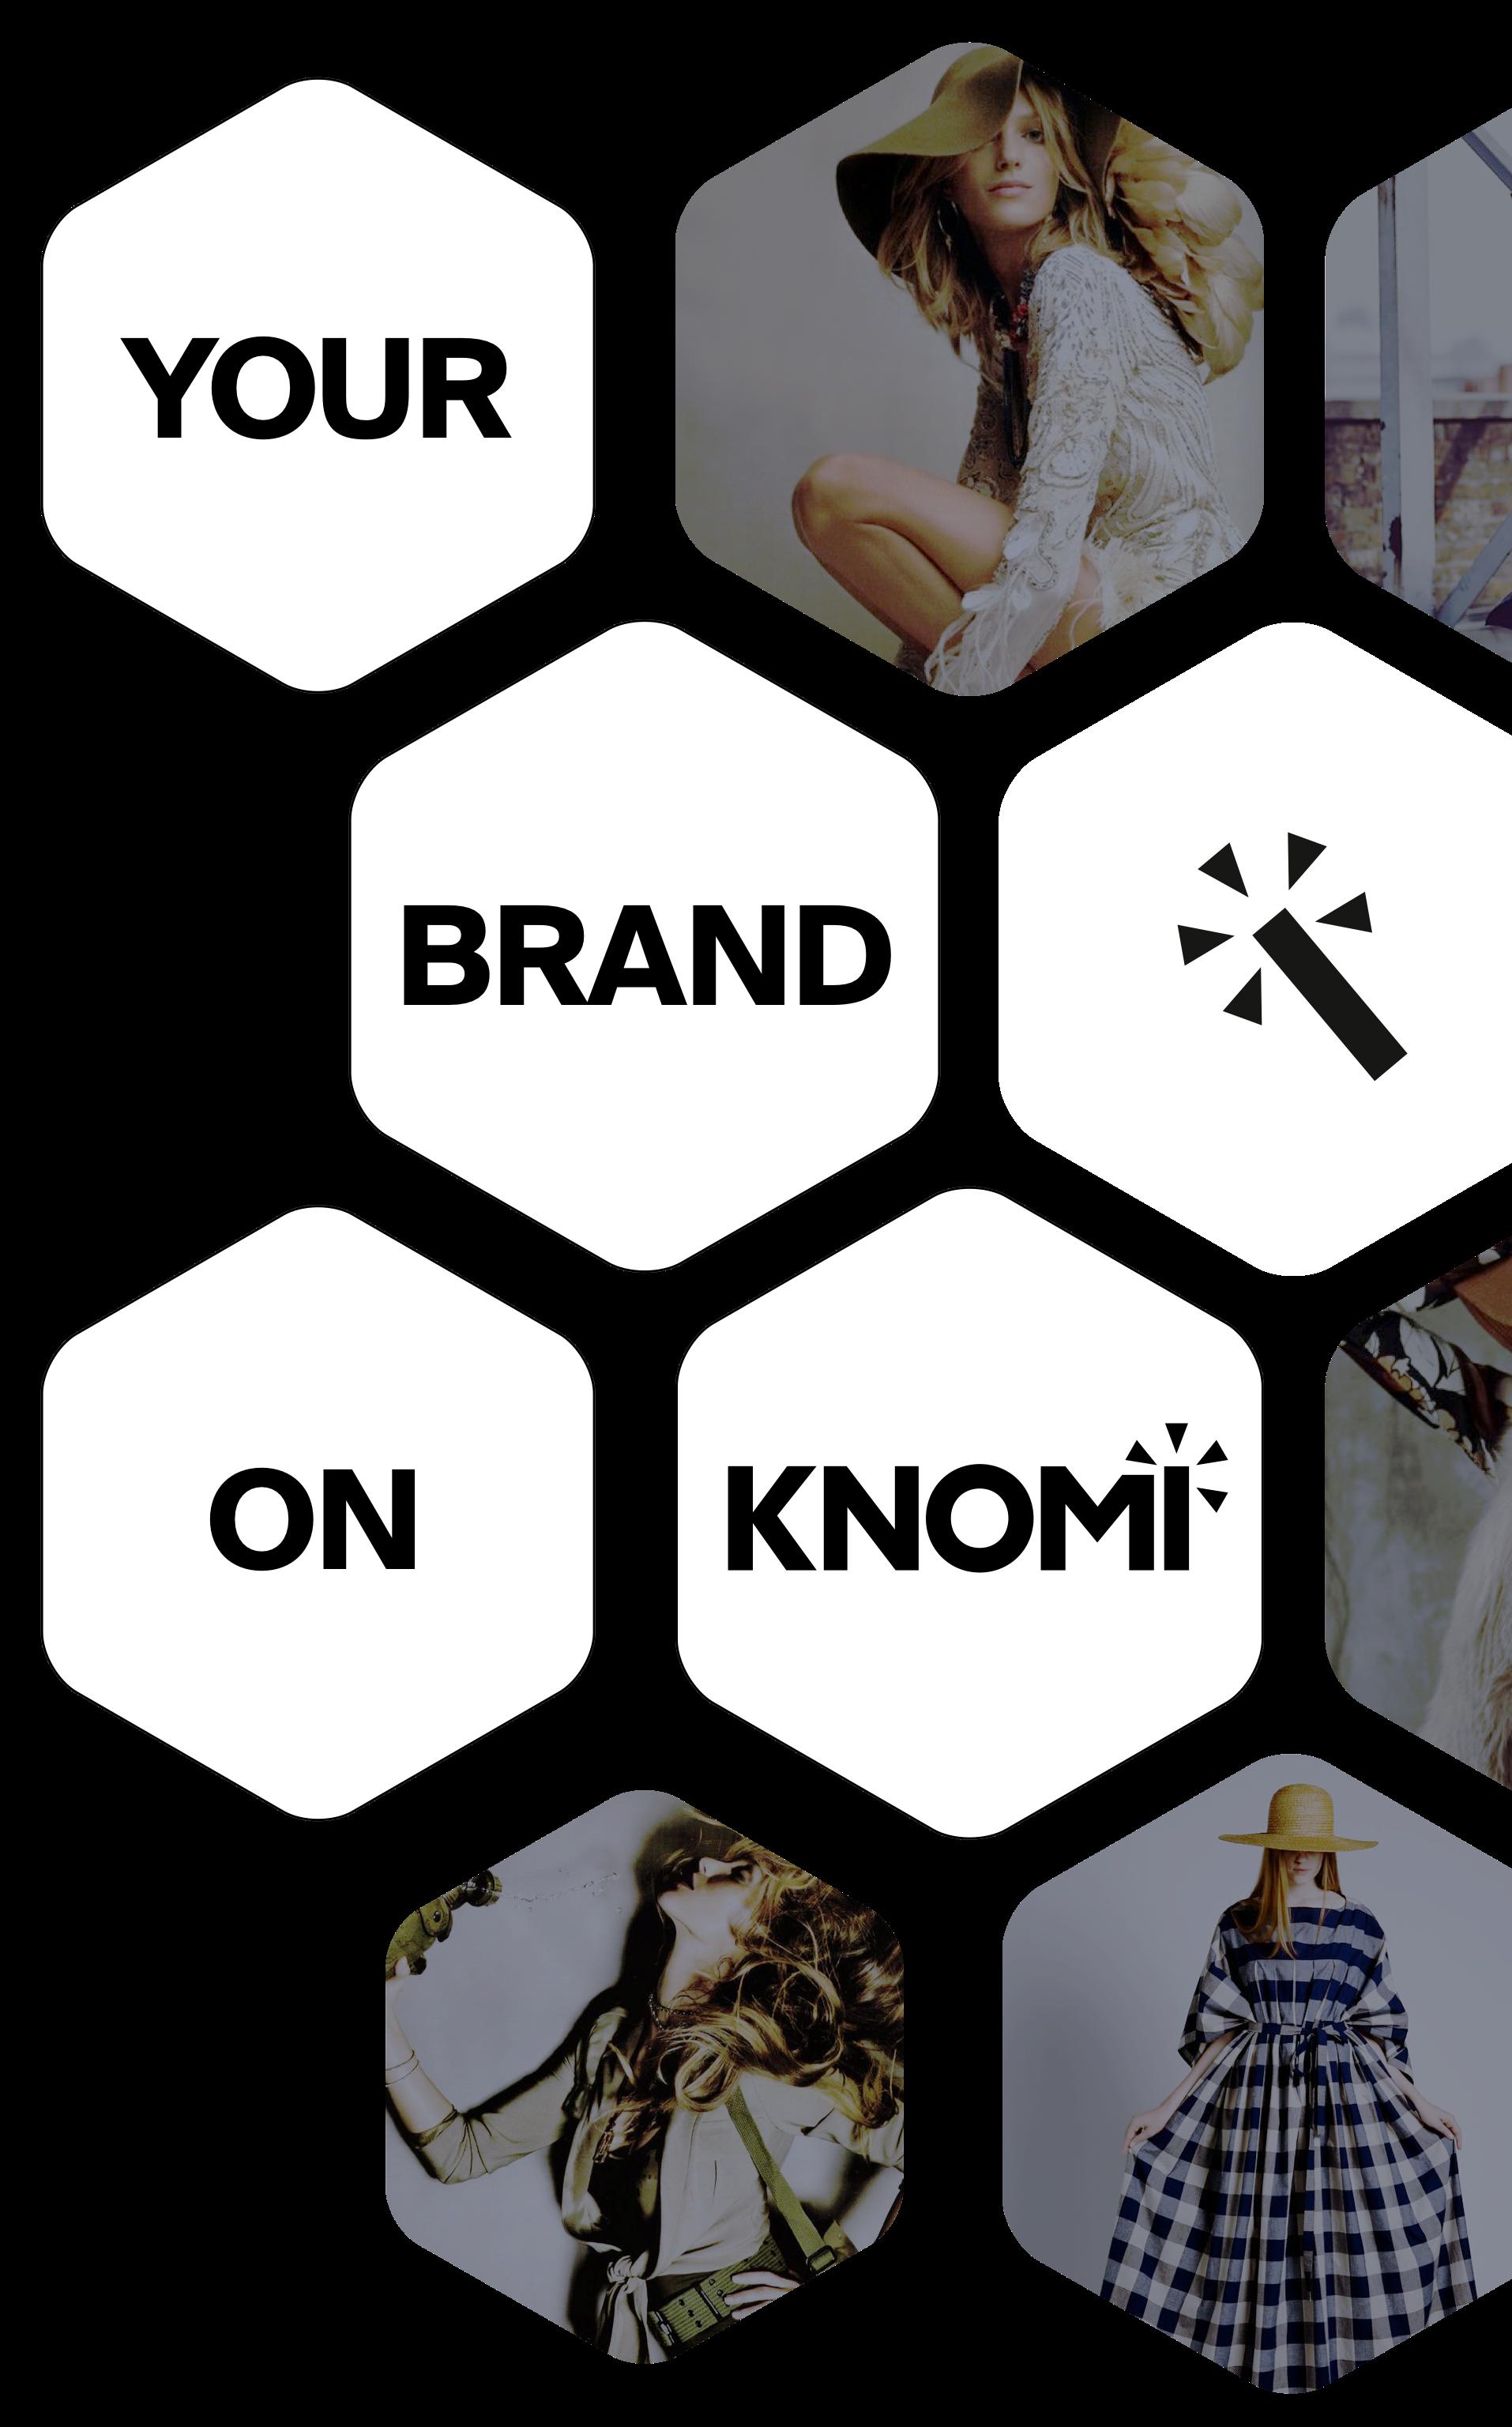 Partner with KNOMI - retail partnership